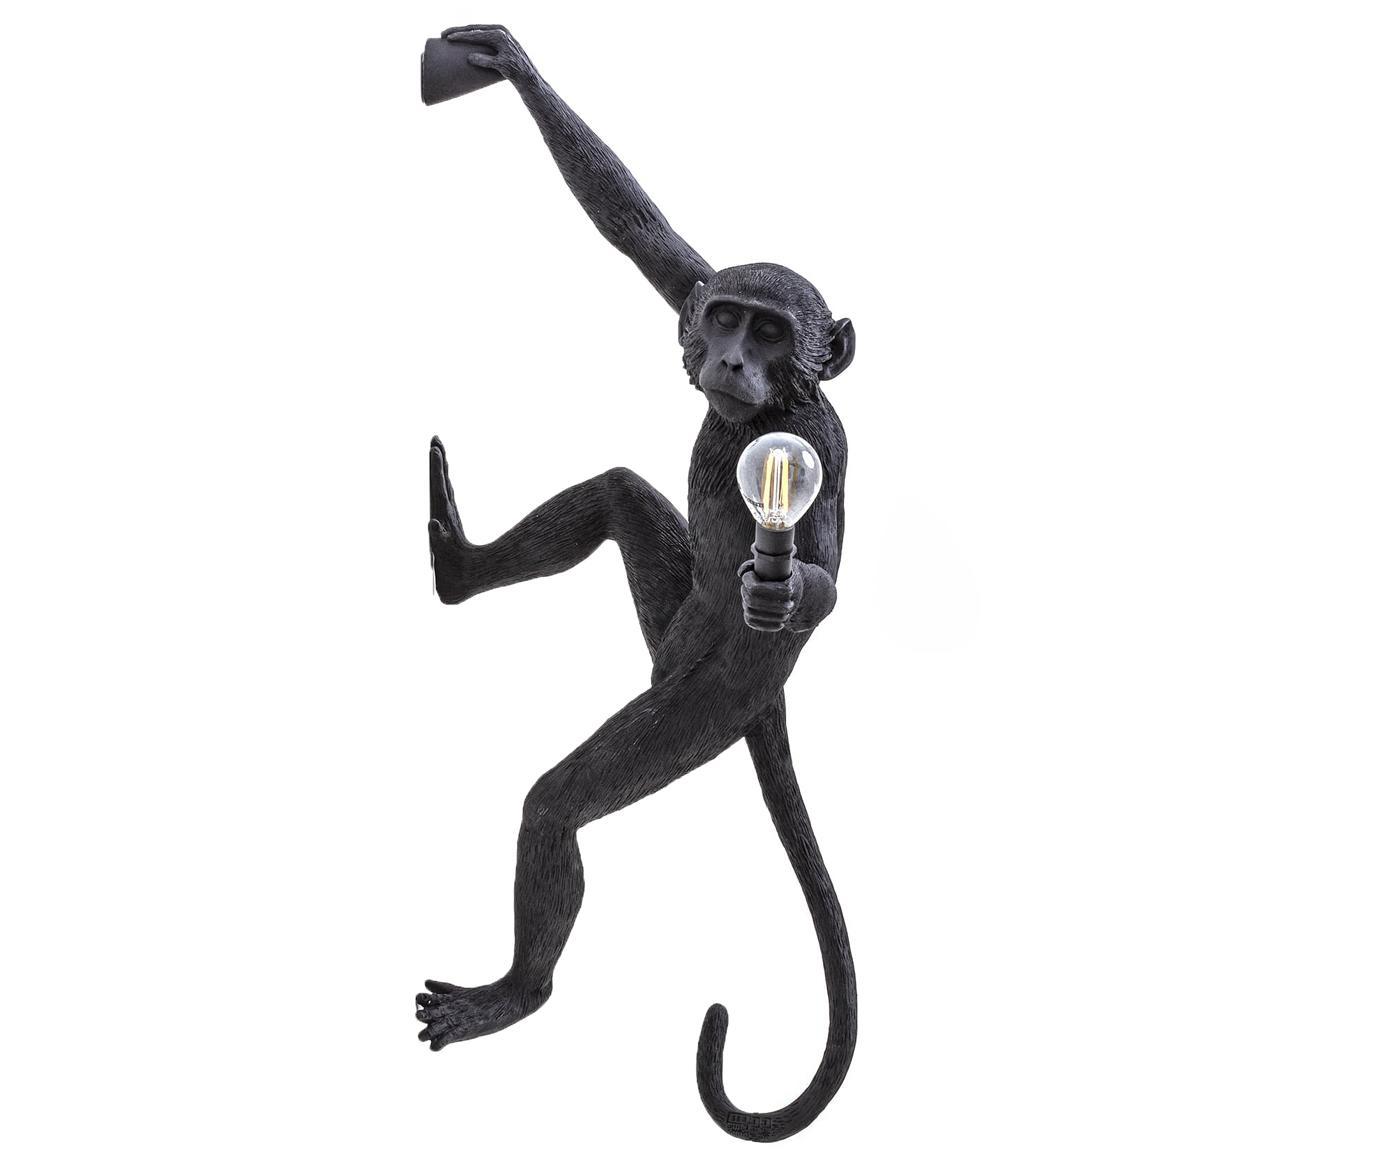 Aplique The Monkey, con enchufe, Poliresina, Negro, An 21 x Al 77 cm